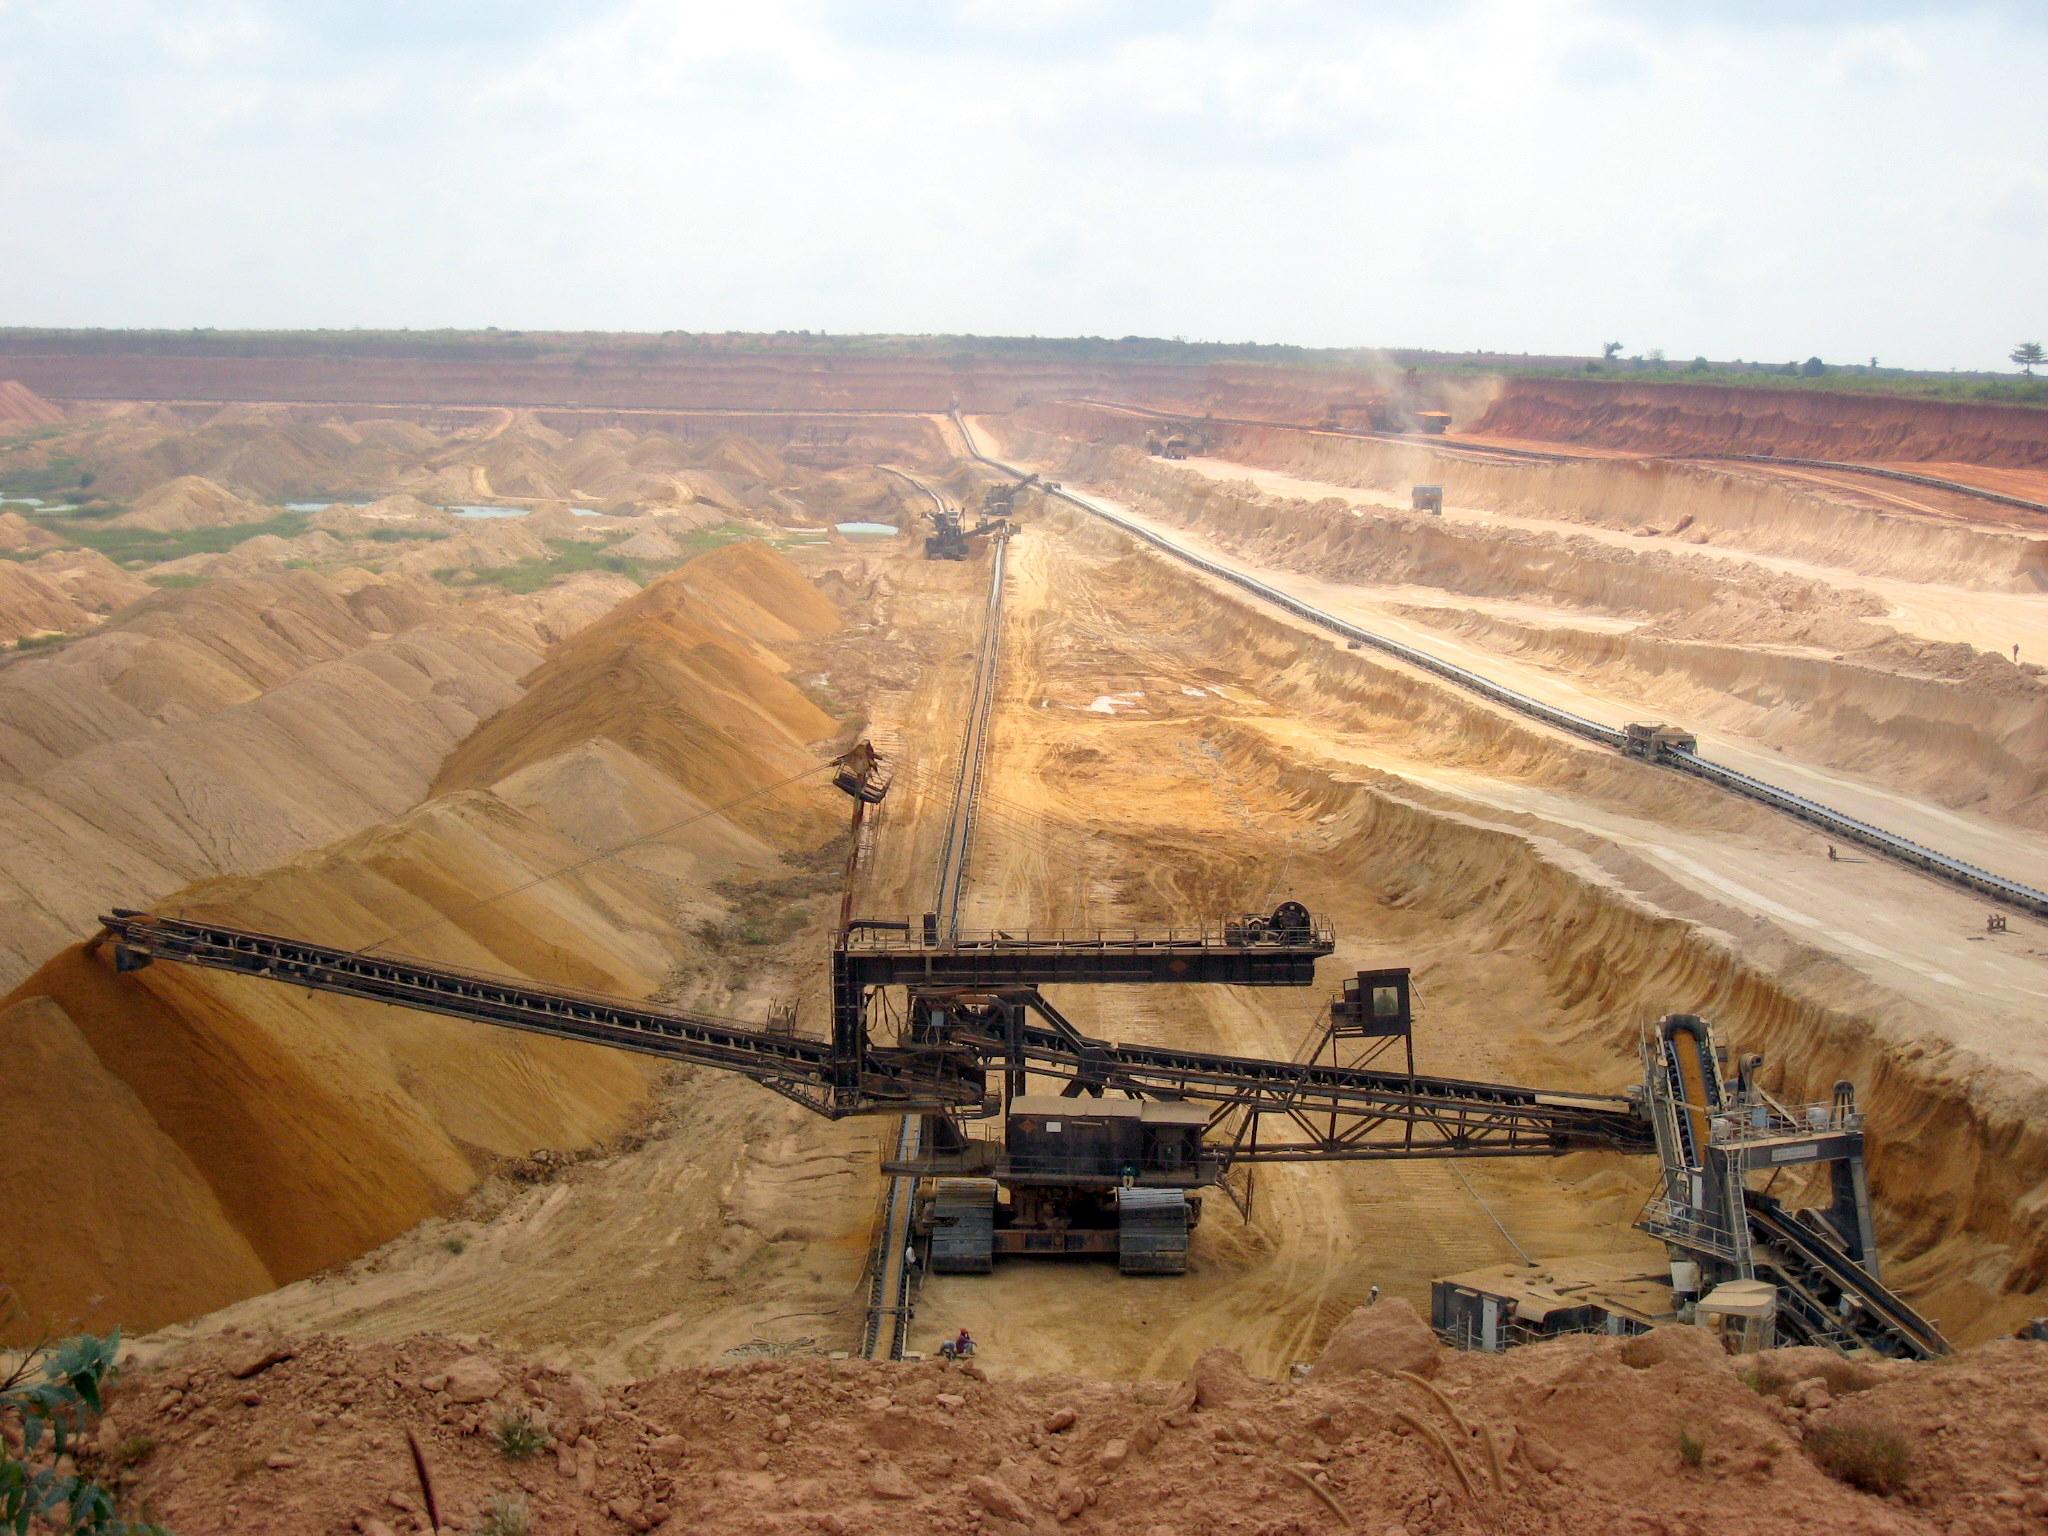 Le Maroc va dédier une unité de production de phosphates à l'Afrique